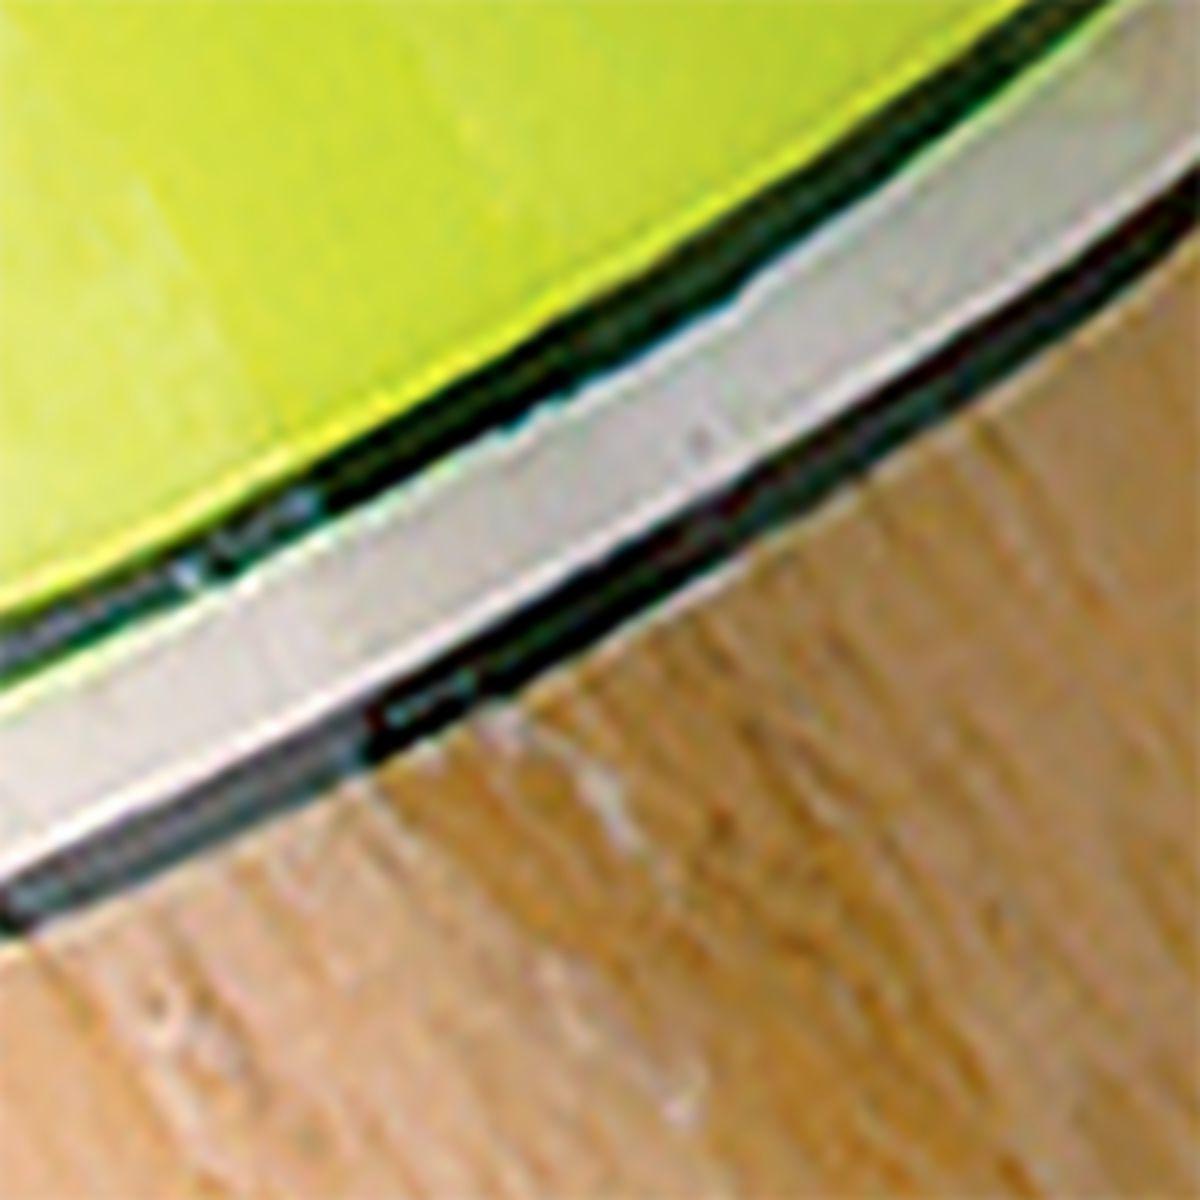 Bass Pro Shops® Premium Balsa Oval Slip Floats